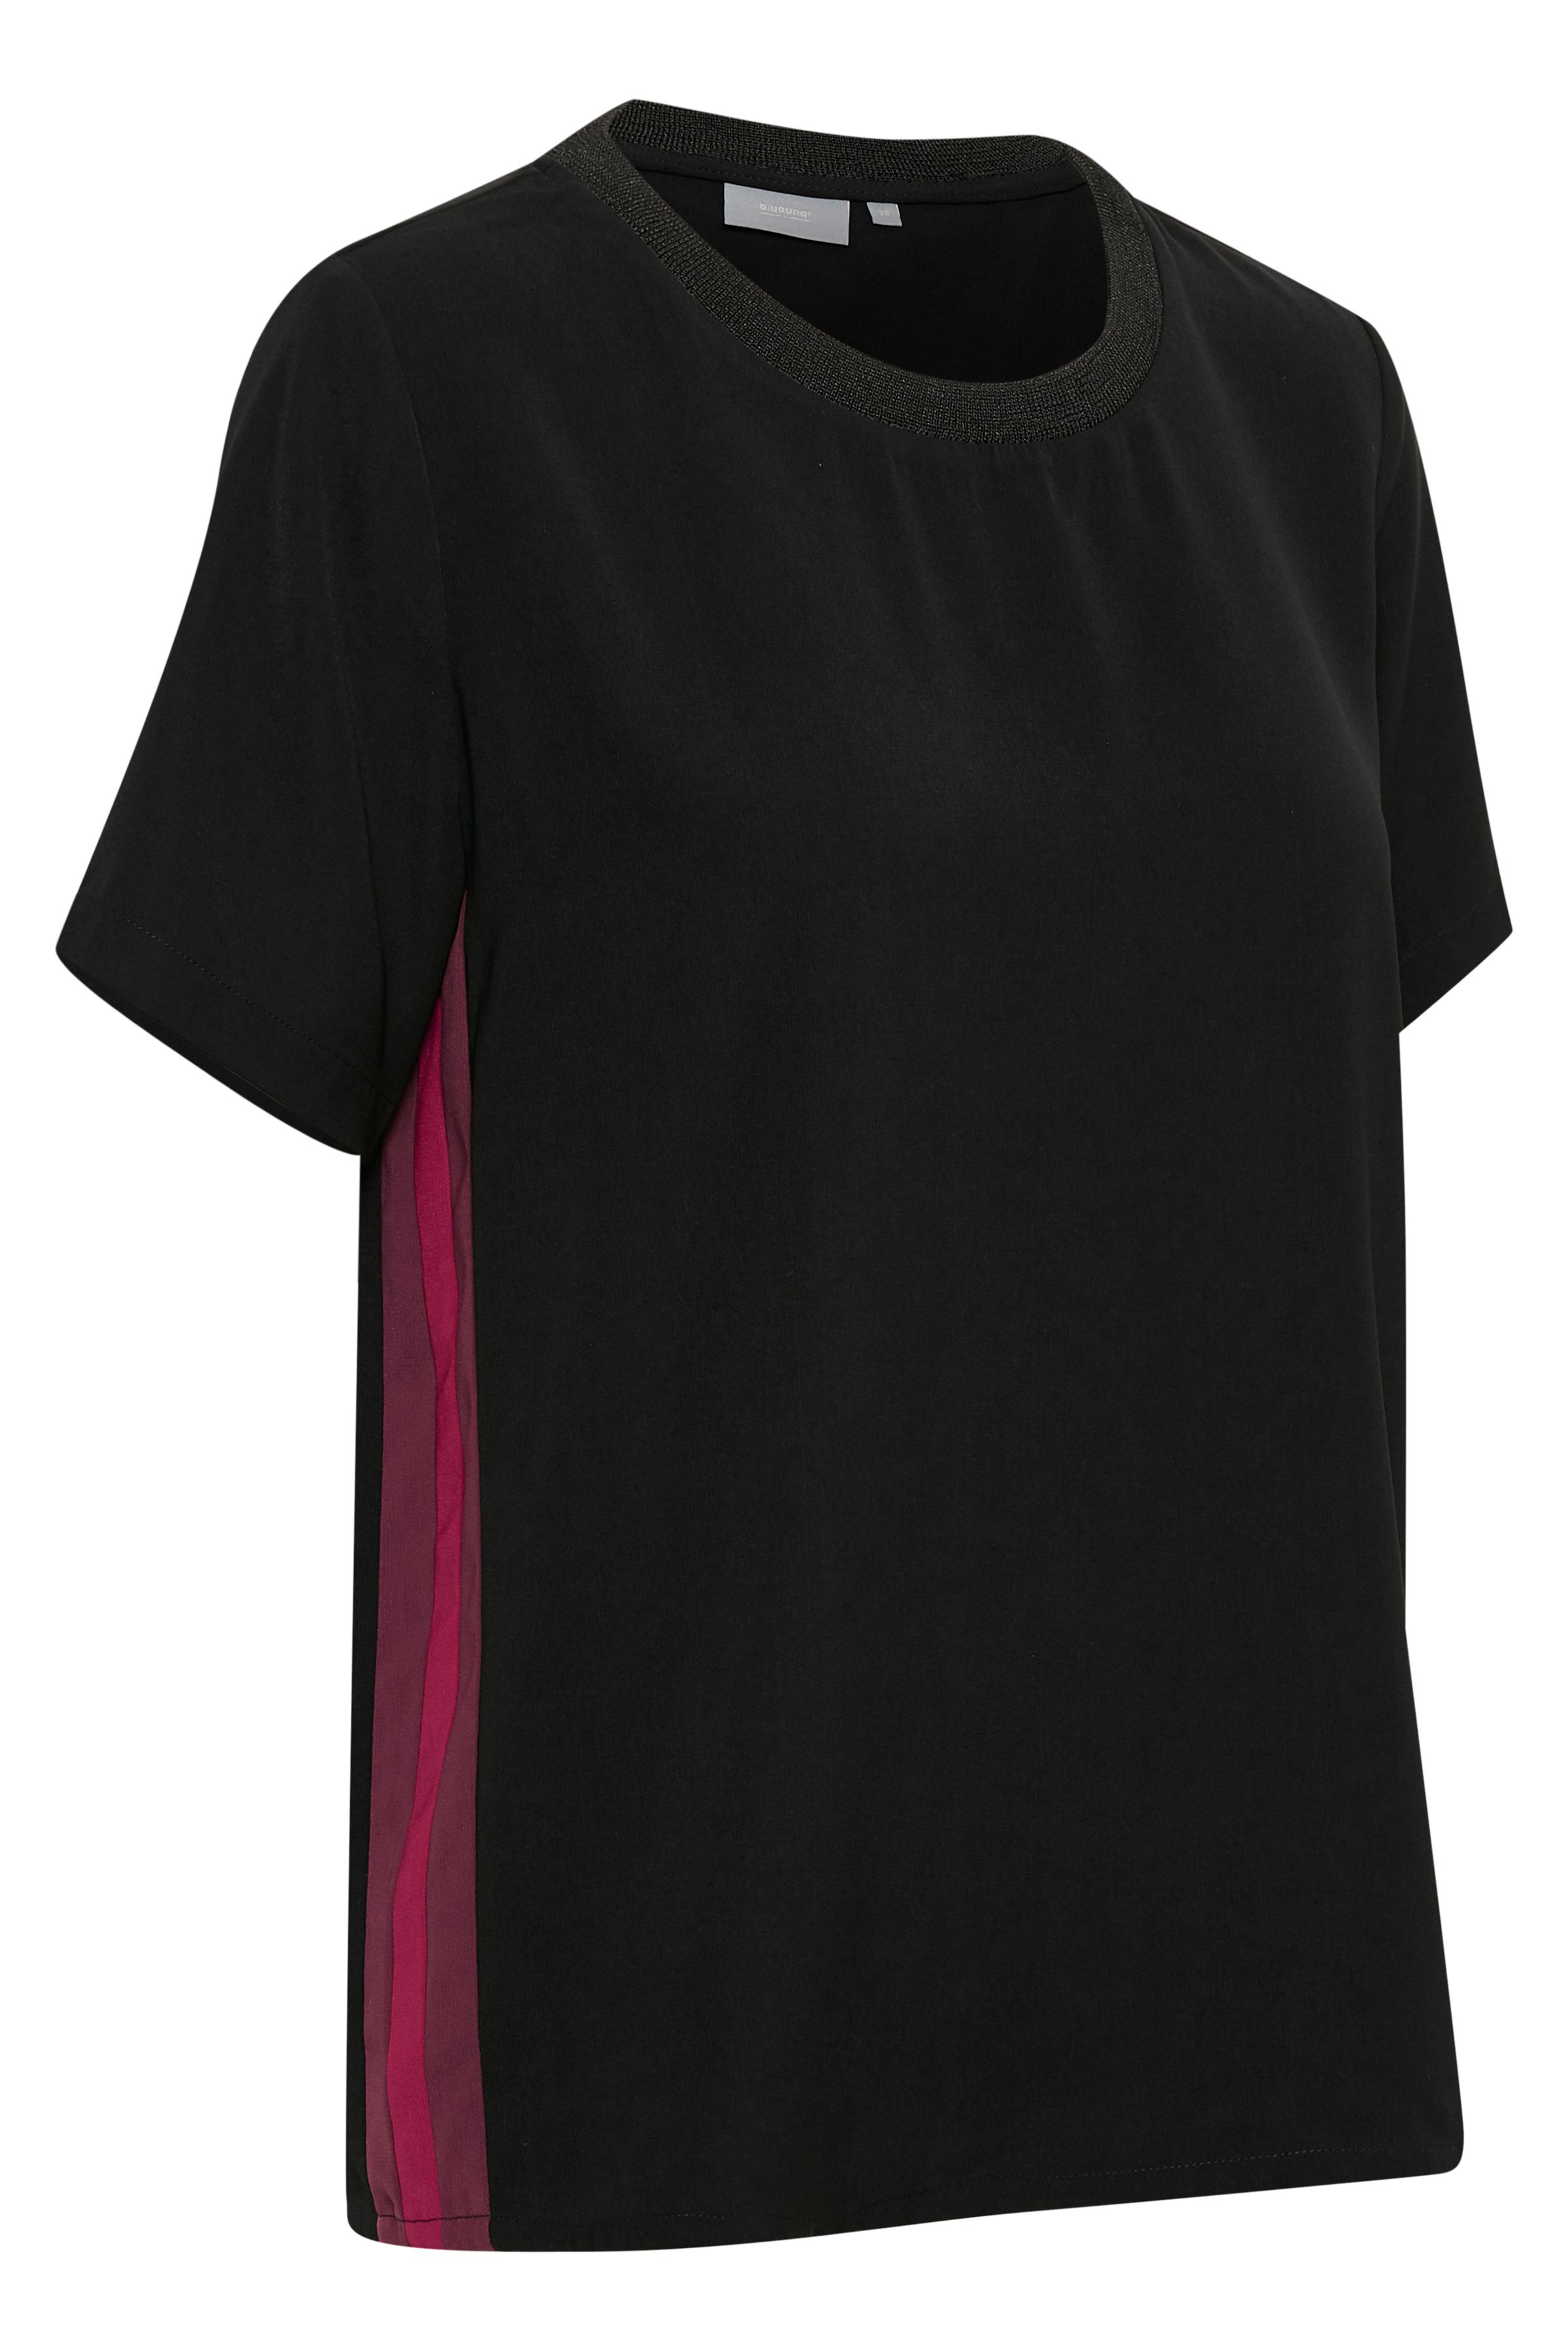 Black combi Kortærmet bluse fra b.young – Køb Black combi Kortærmet bluse fra str. 36-46 her